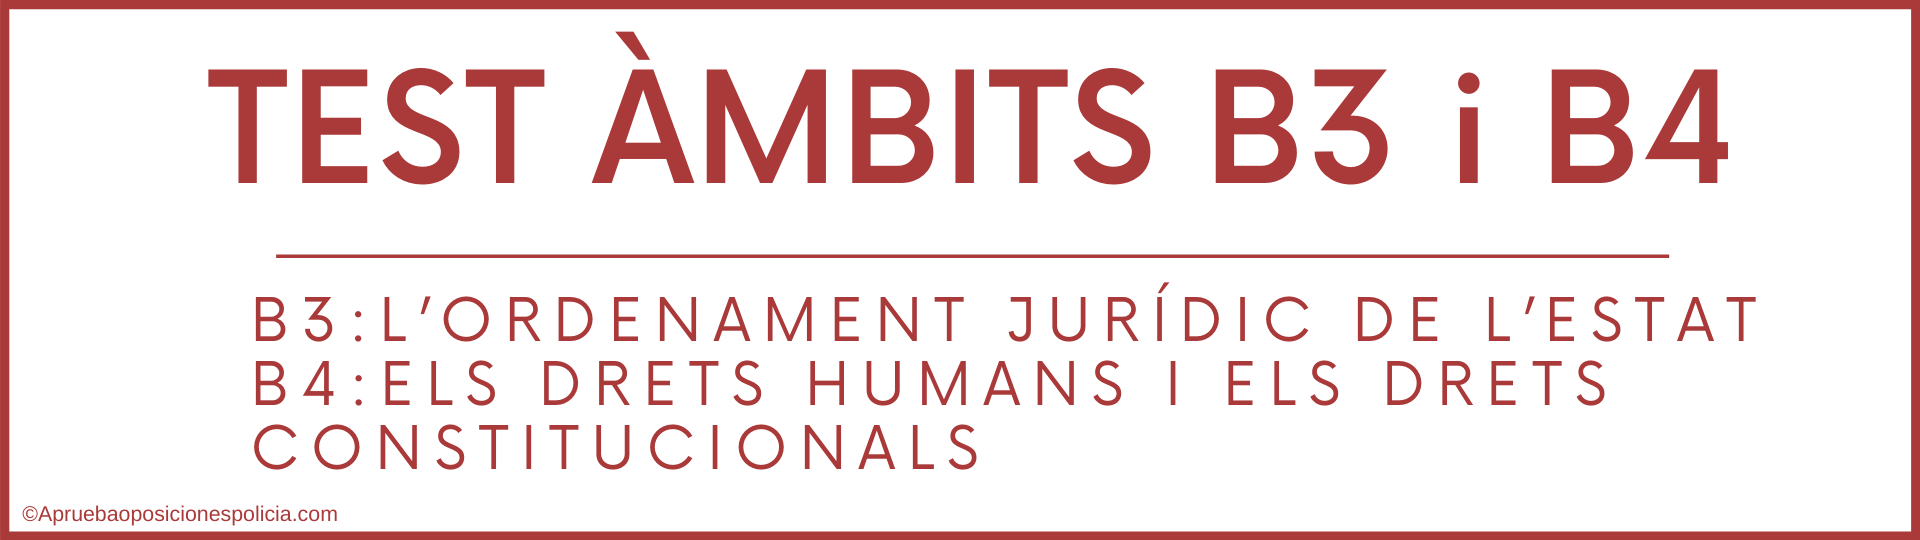 test B3 Mossos ORDENAMENT JURIDIC ESTAT test b4 Mossos Drets humans i constitucionals